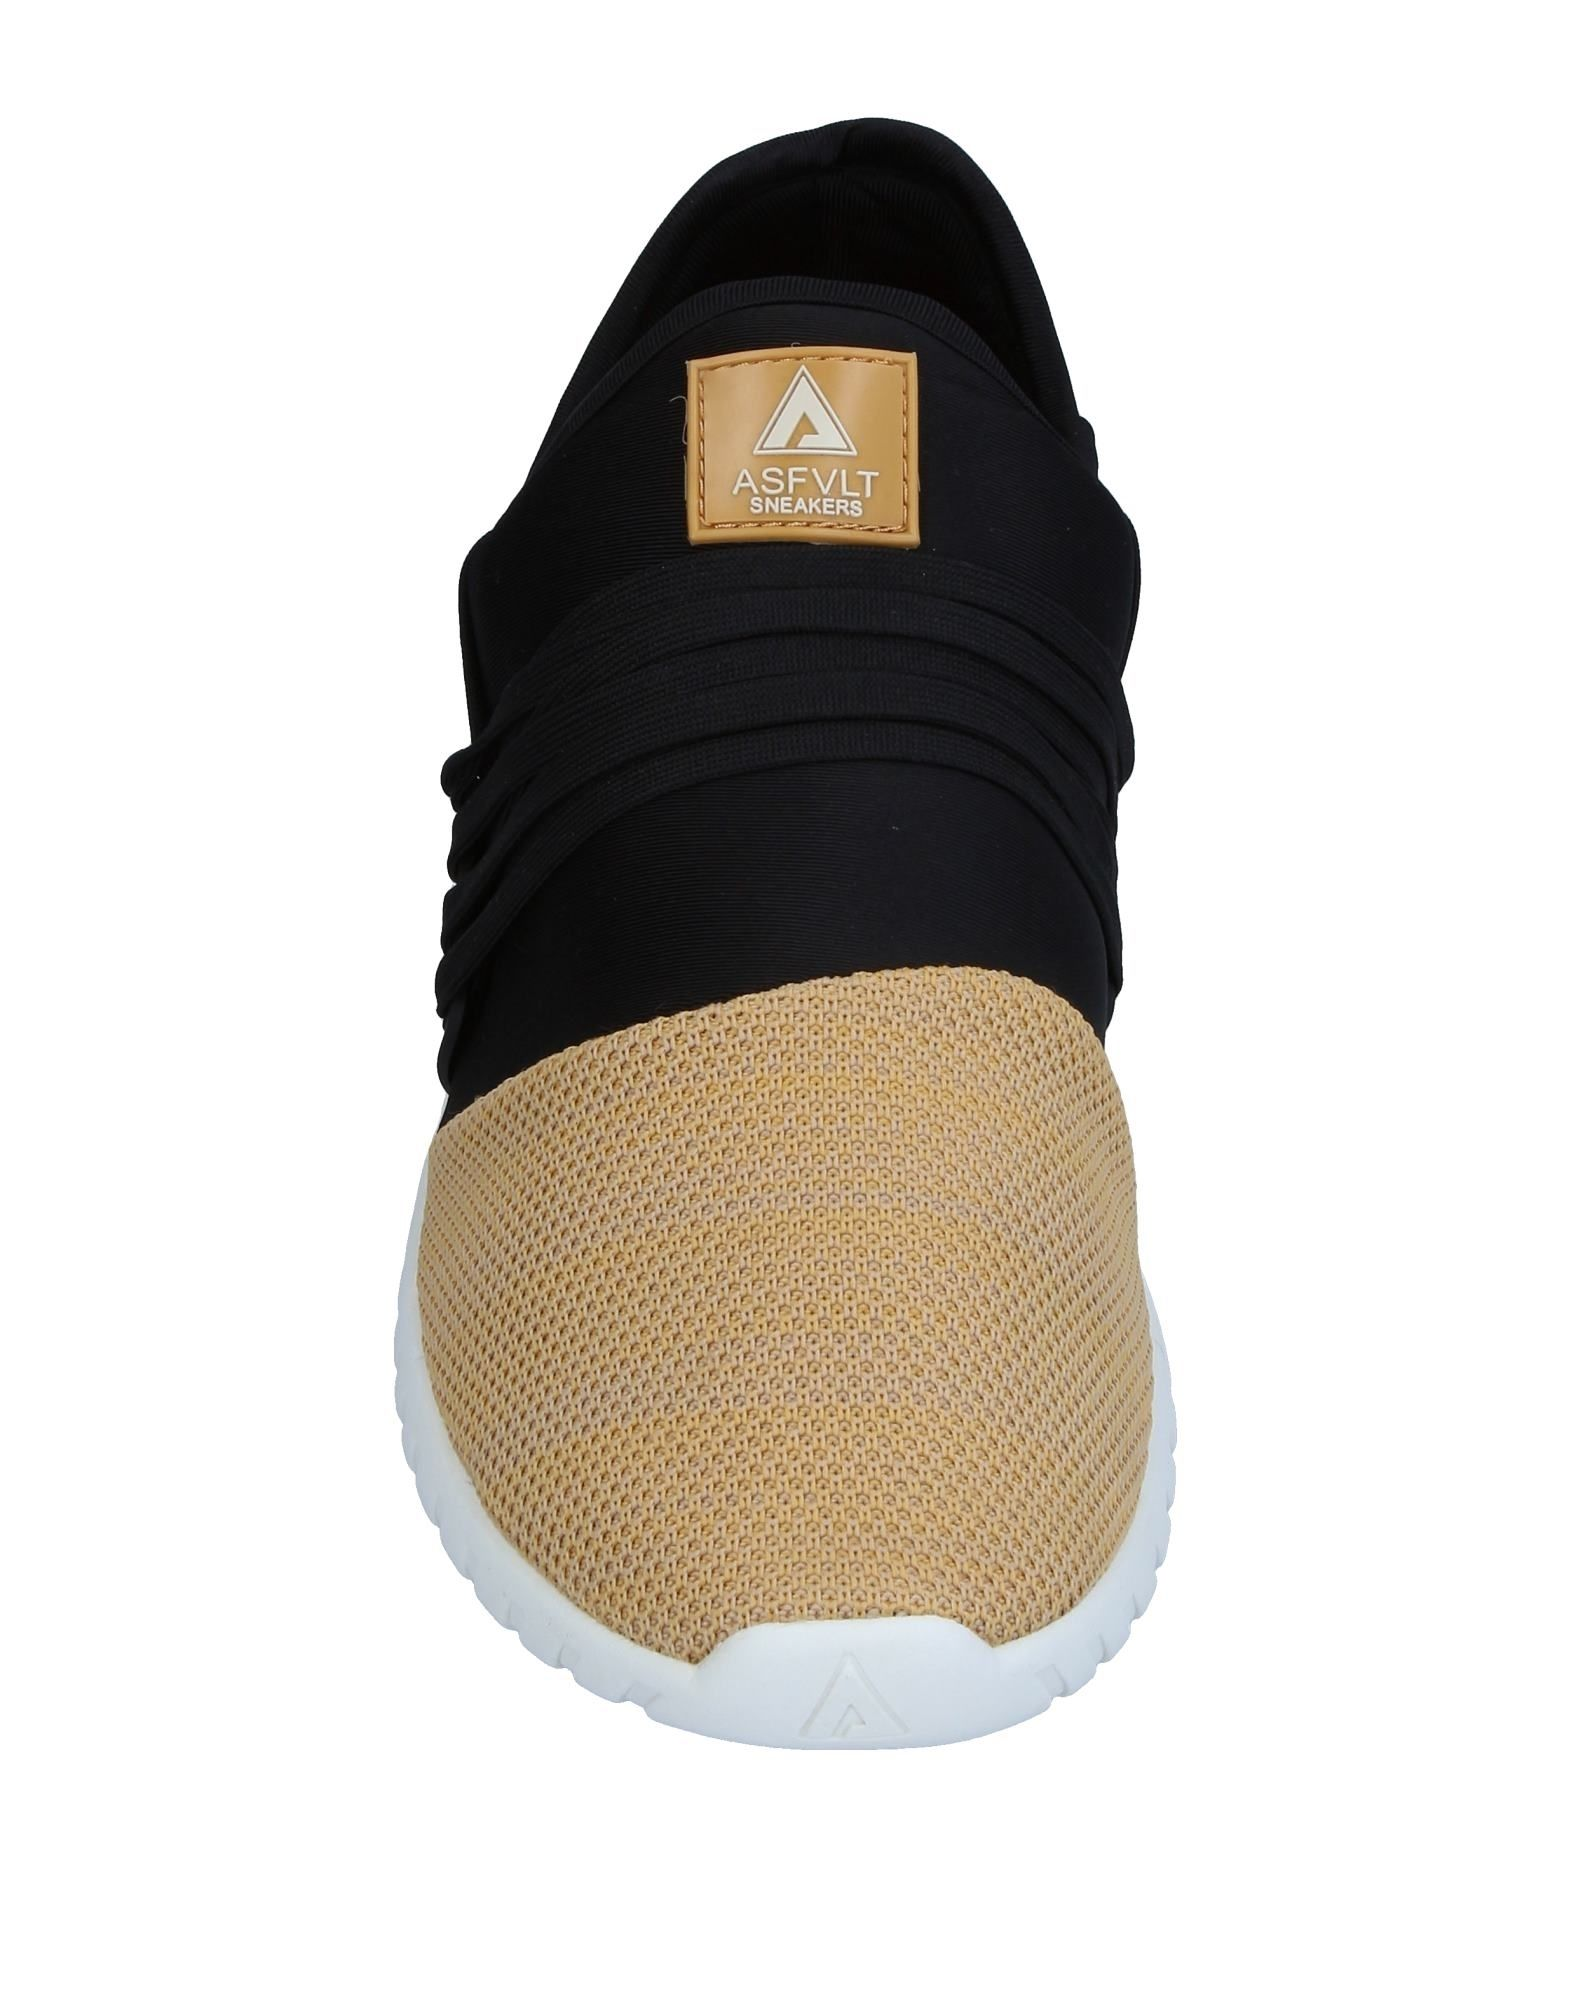 Rabatt echte Schuhe Asfvlt Sneakers Herren  11340225UO